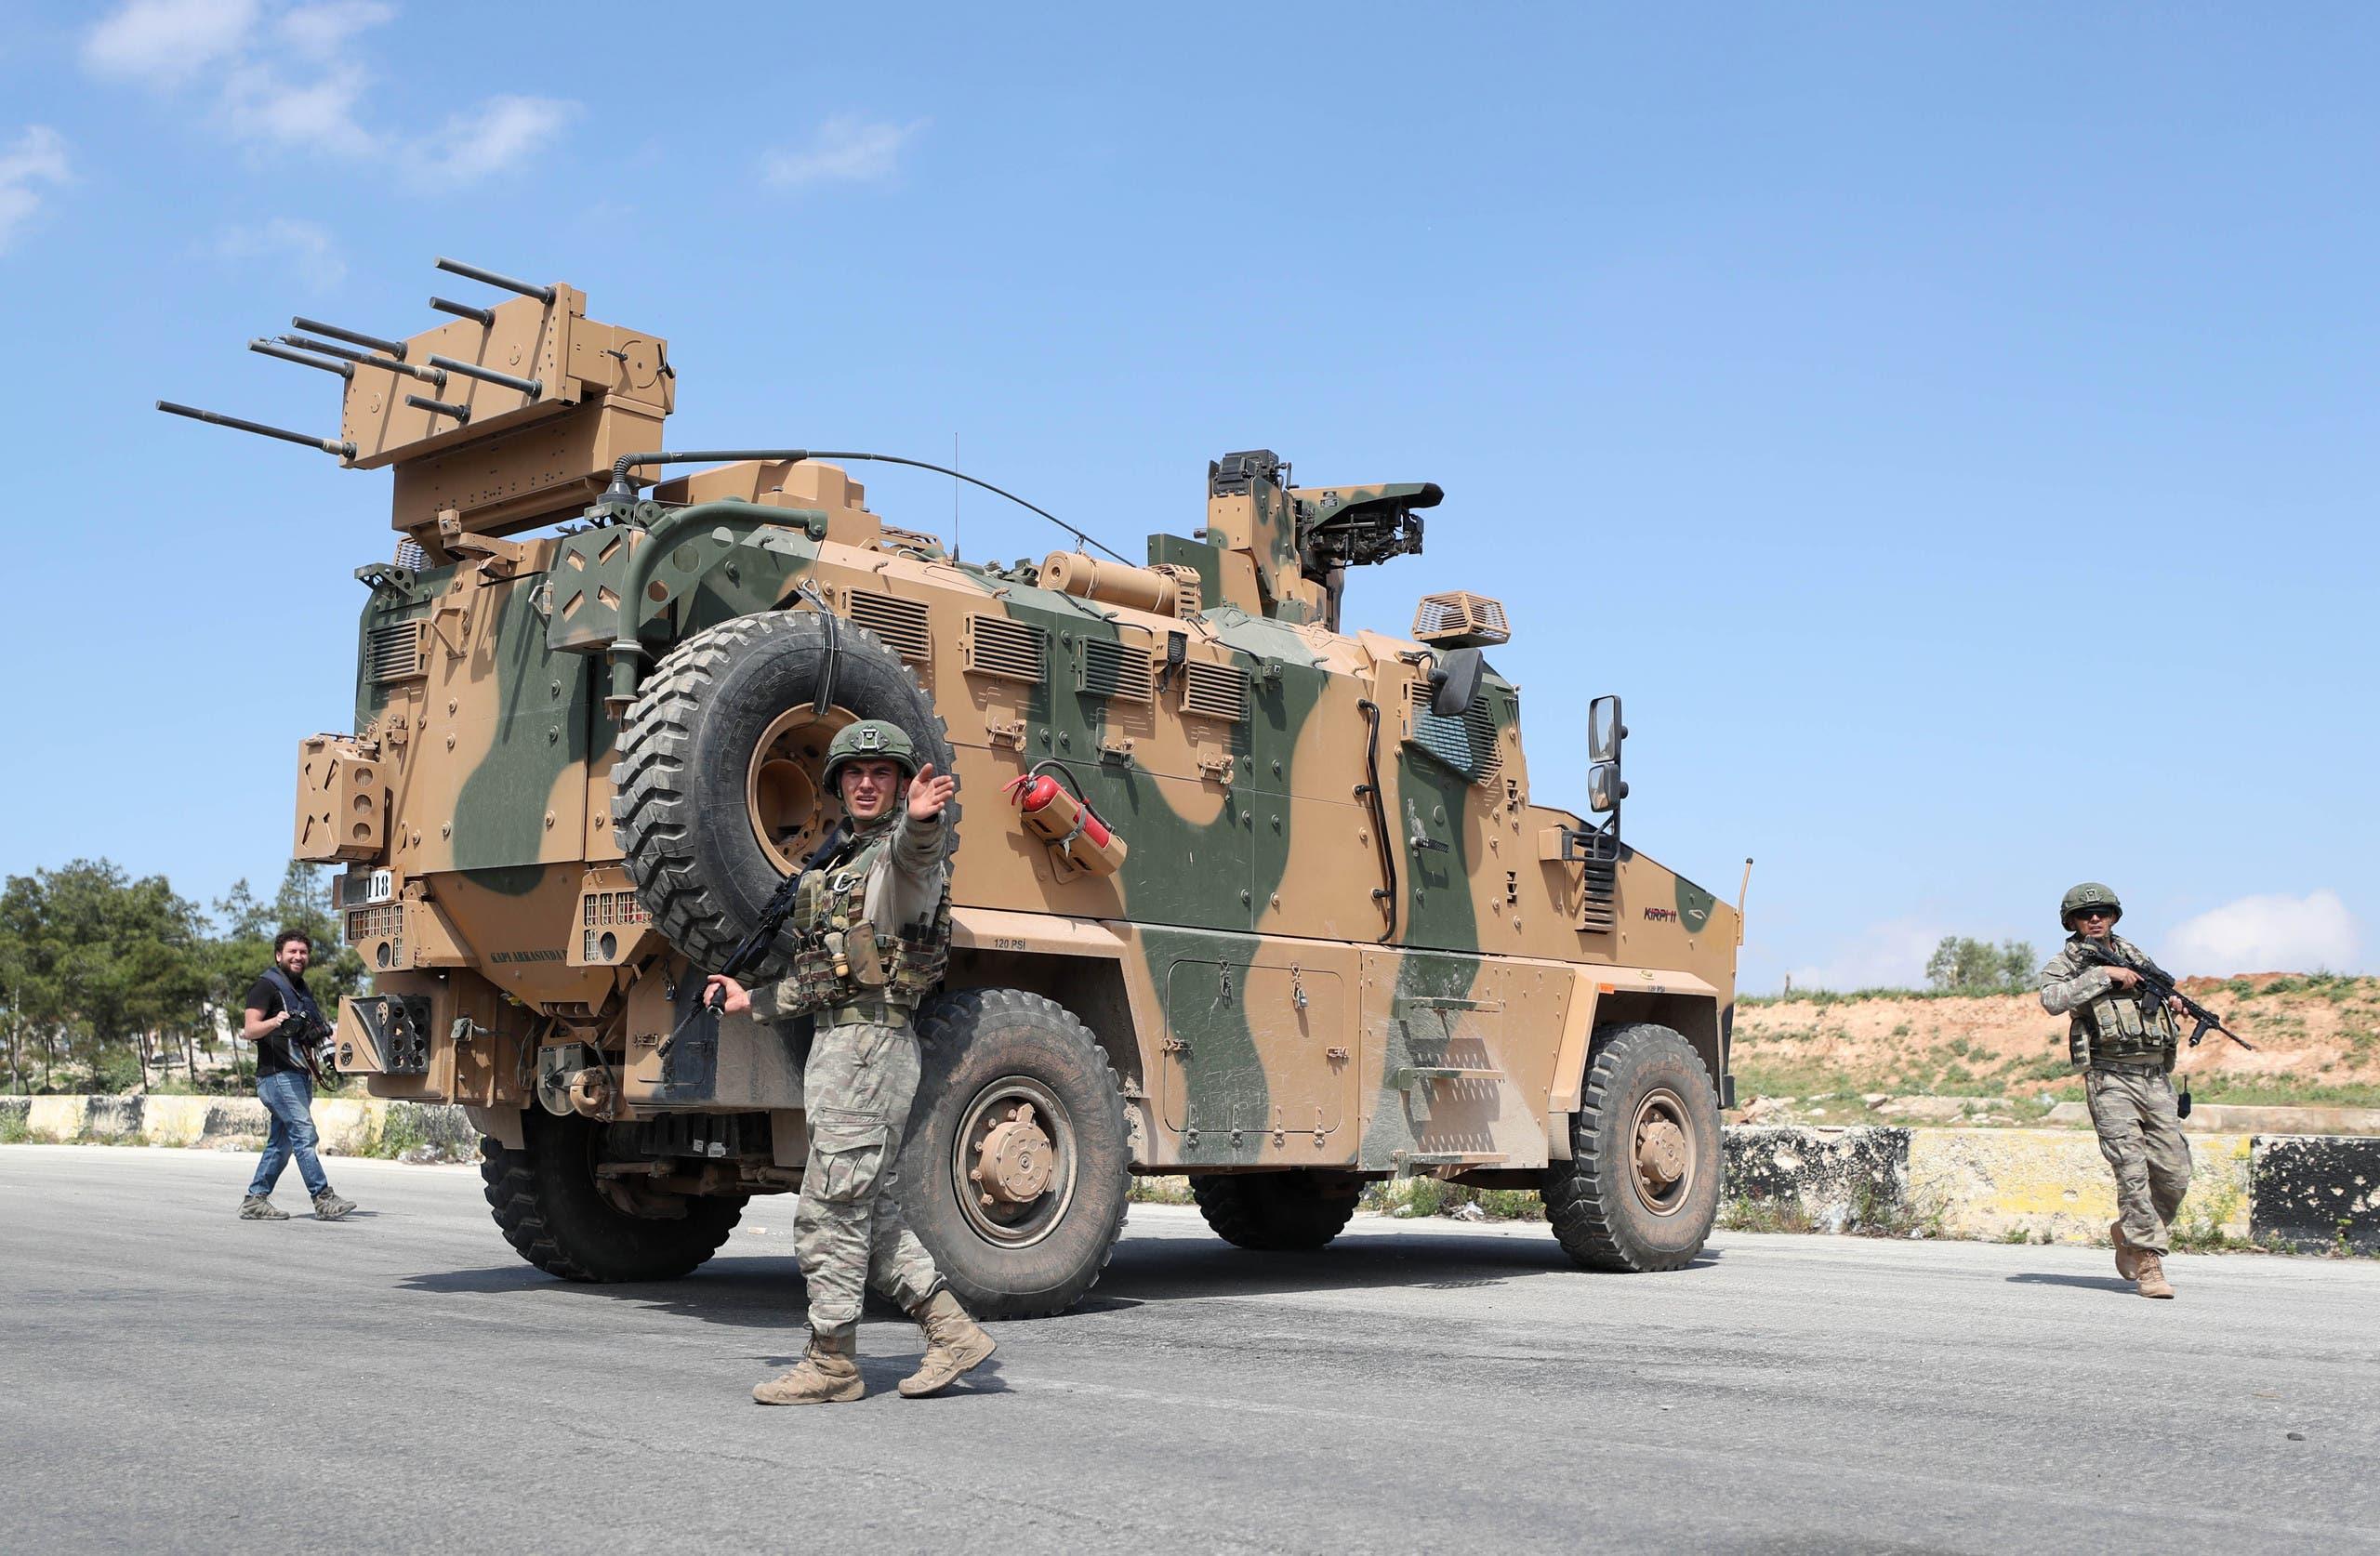 آلية تركية في إدلب (أ{شيفية- فرانس برس)